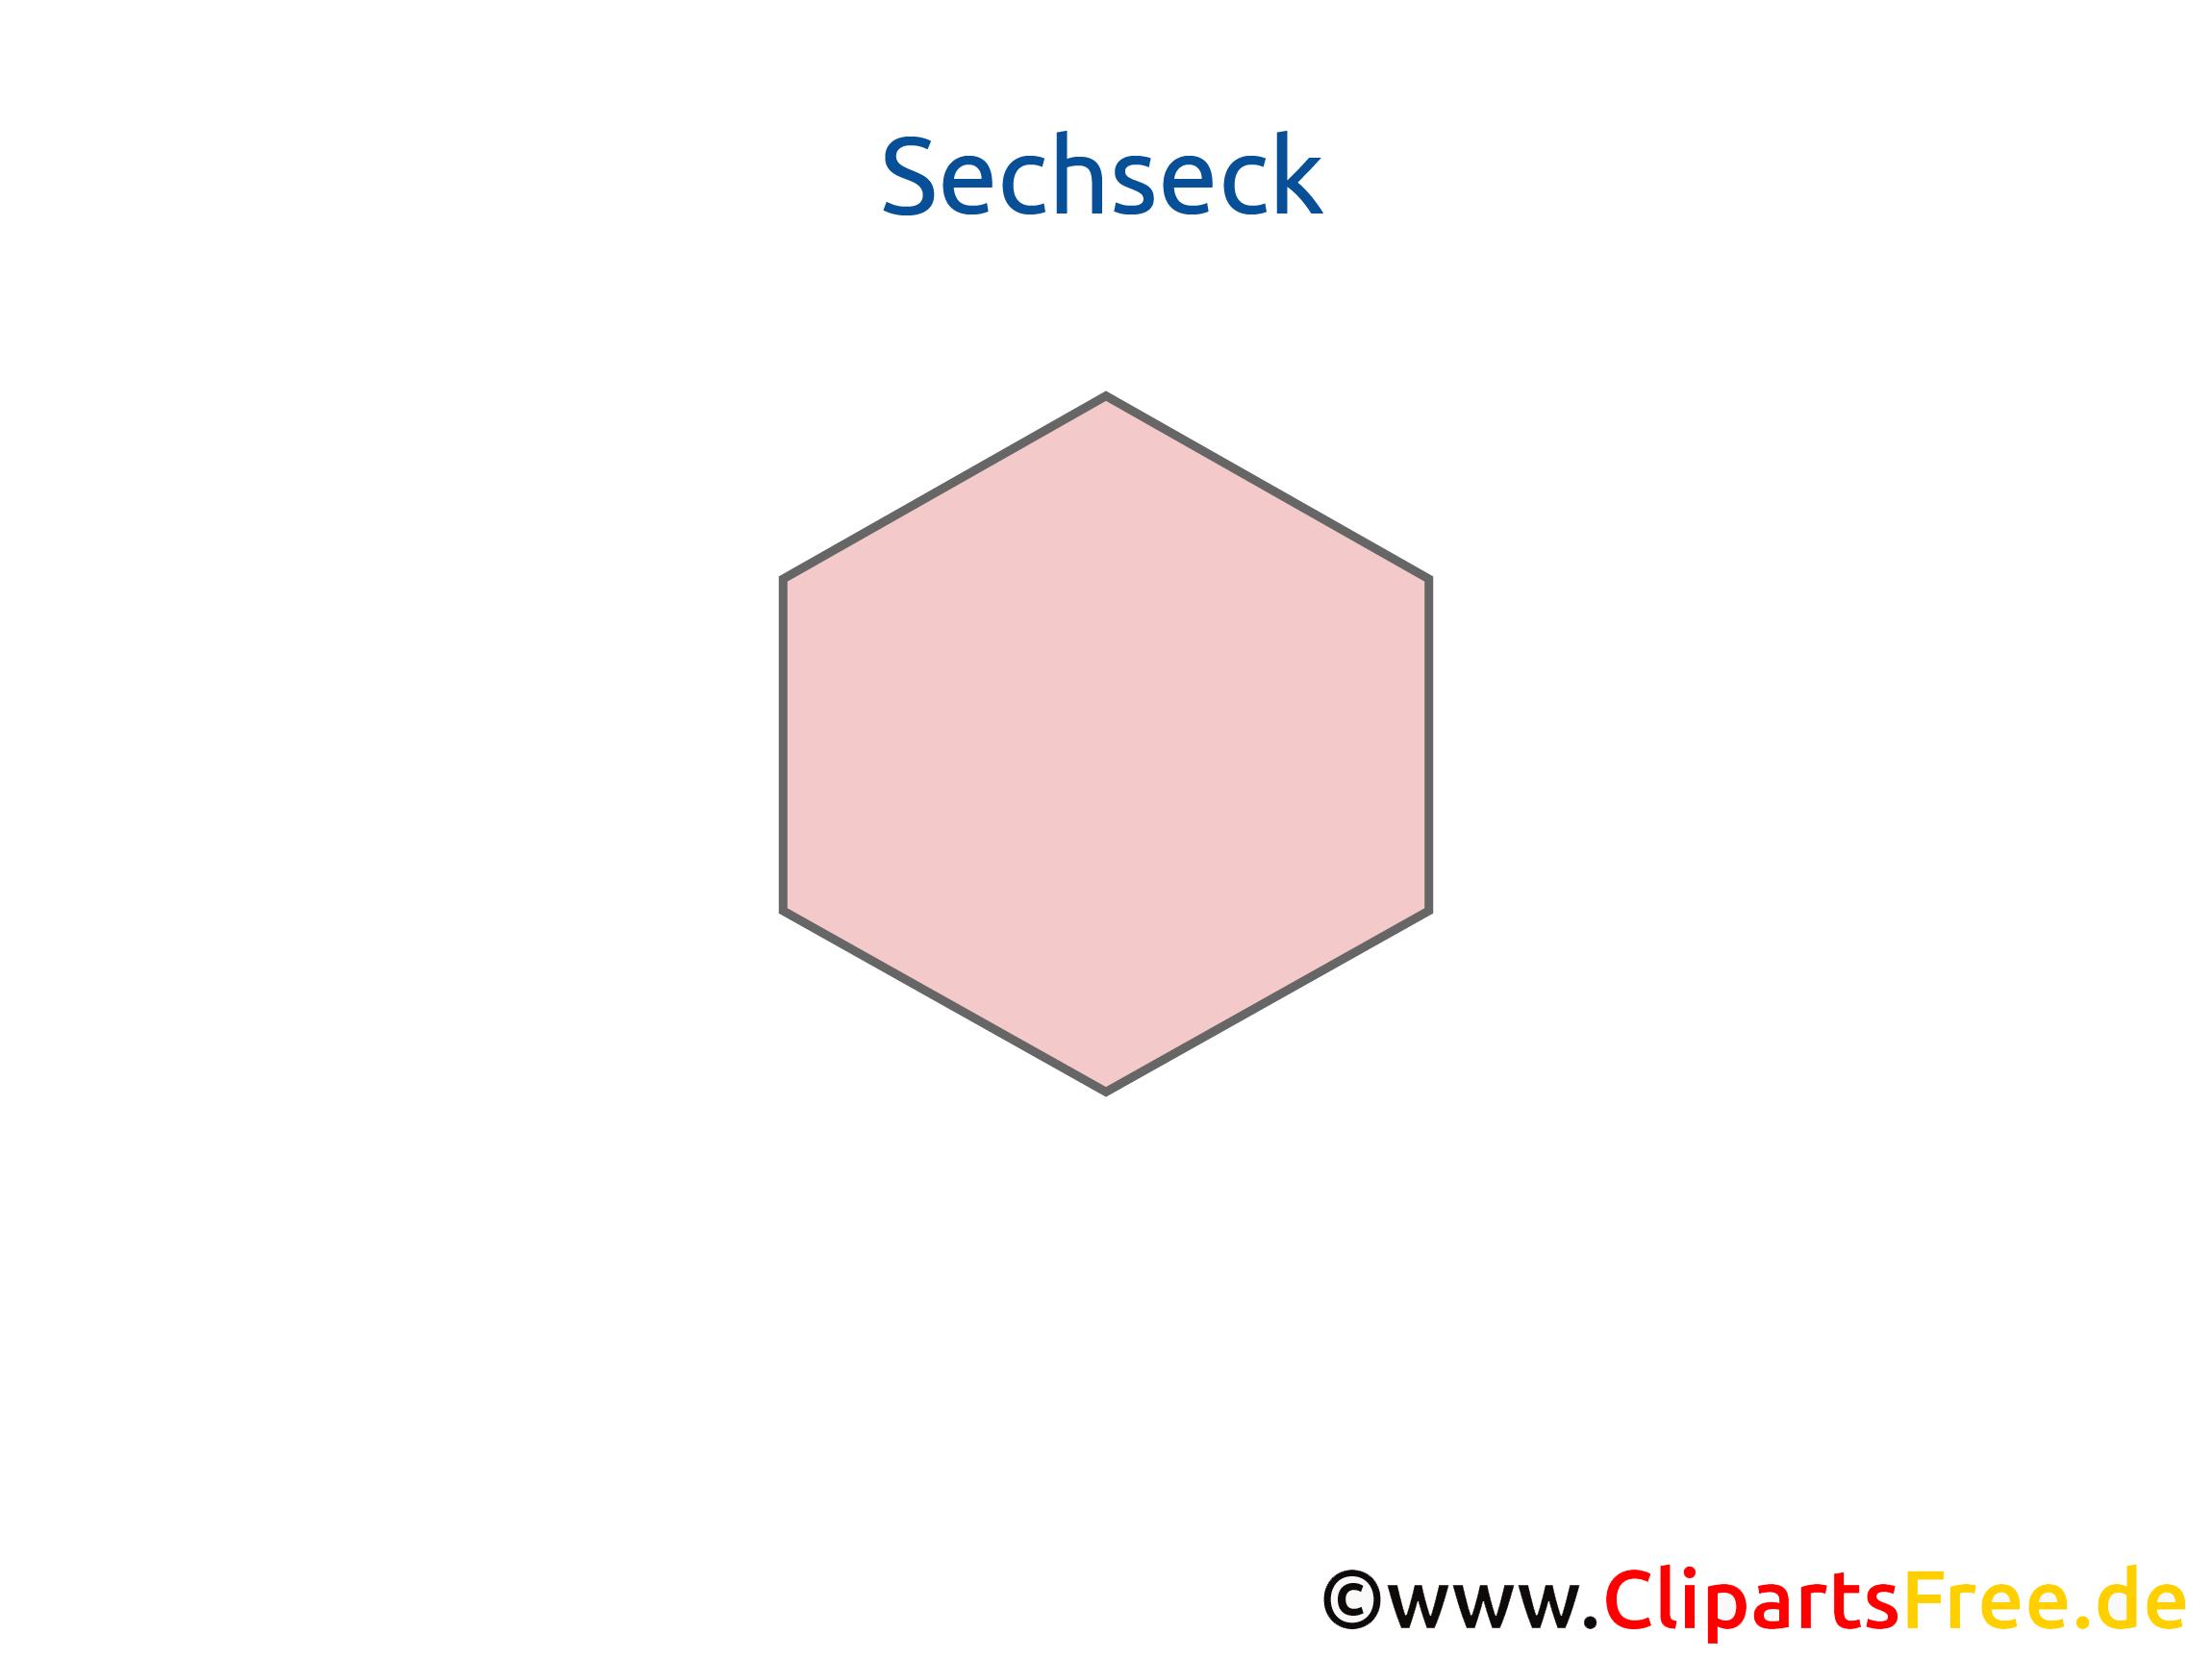 Sechseck Arbeitsblatt für Schule zum Thema Geometrie